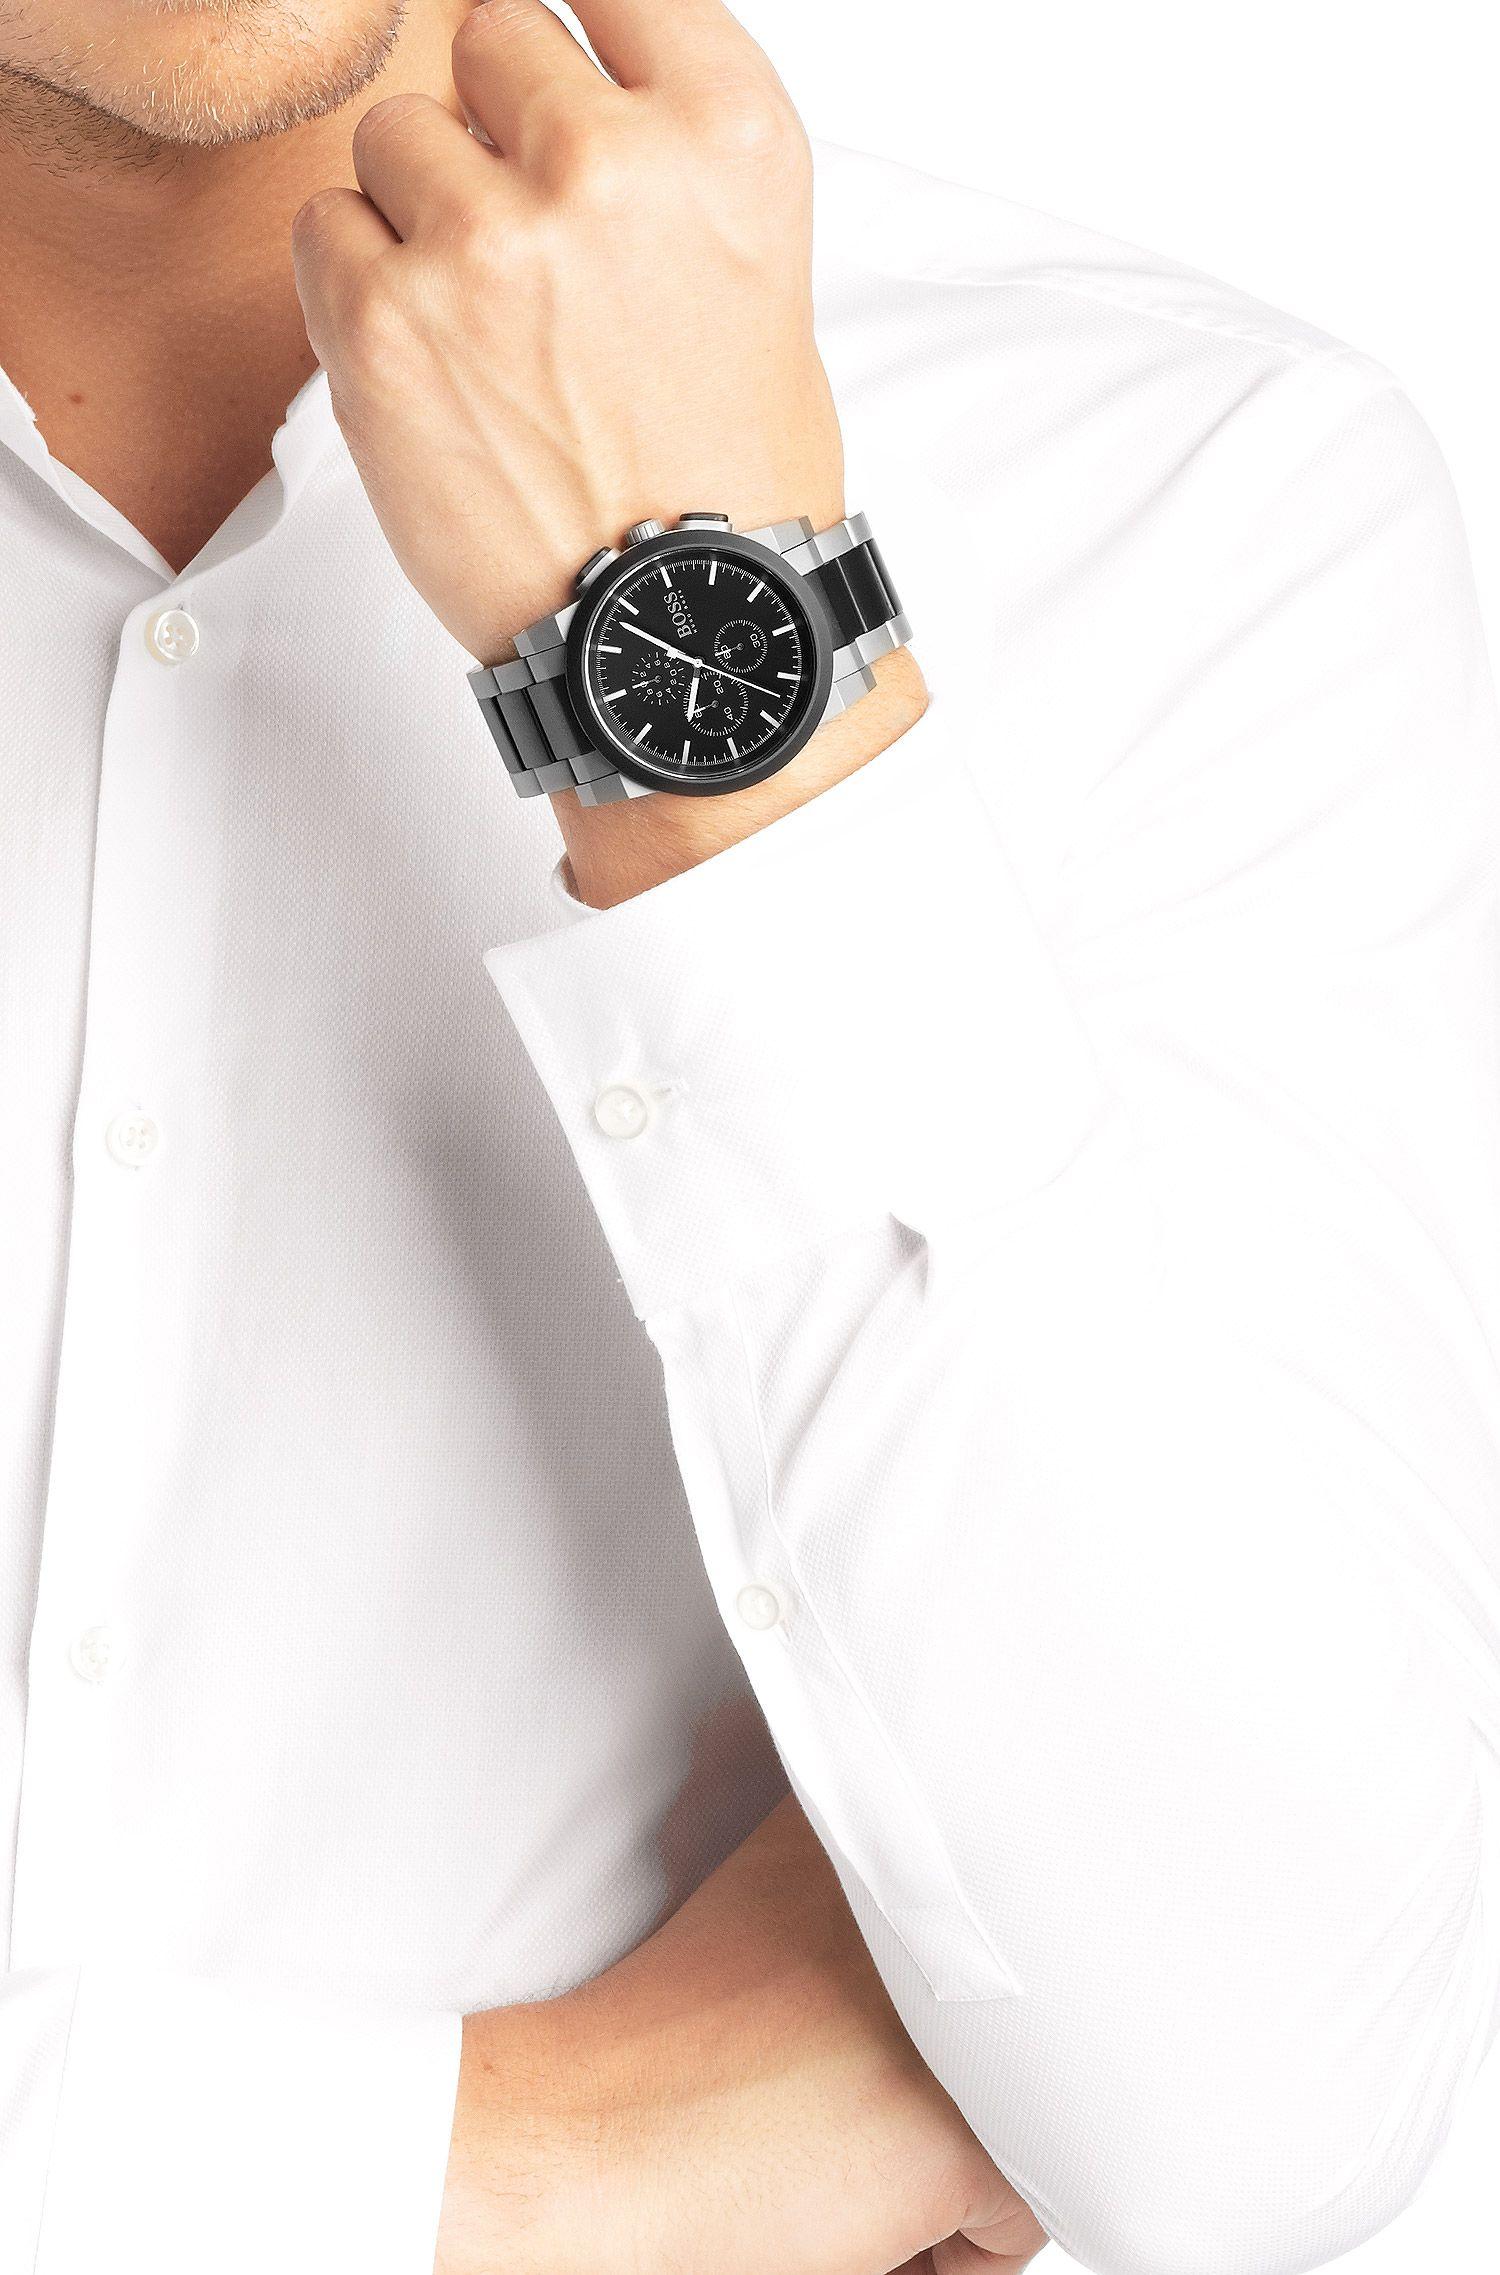 Montre chronographe «HB6026» en acier inoxydable avec mouvement à quartz